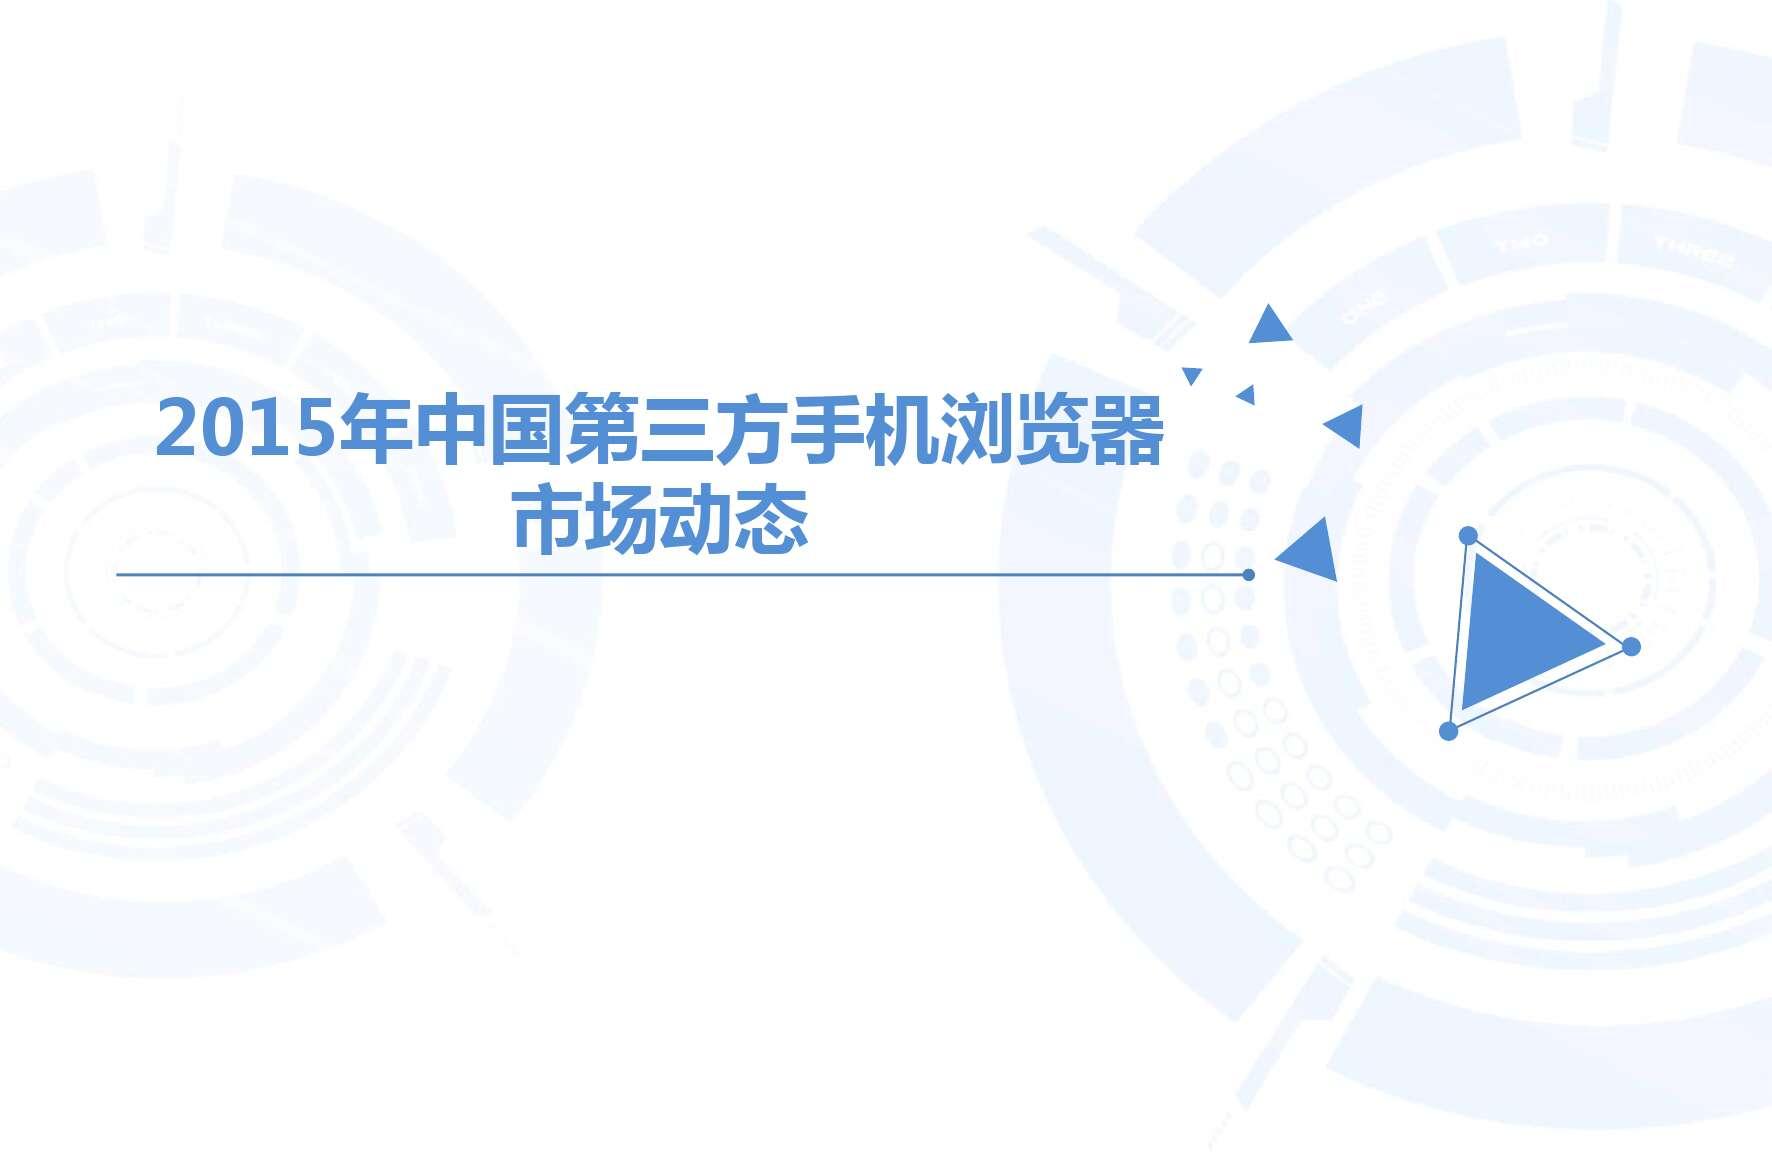 艾媒咨询:2015-2016年中国手机浏览器市场研究报告_000005